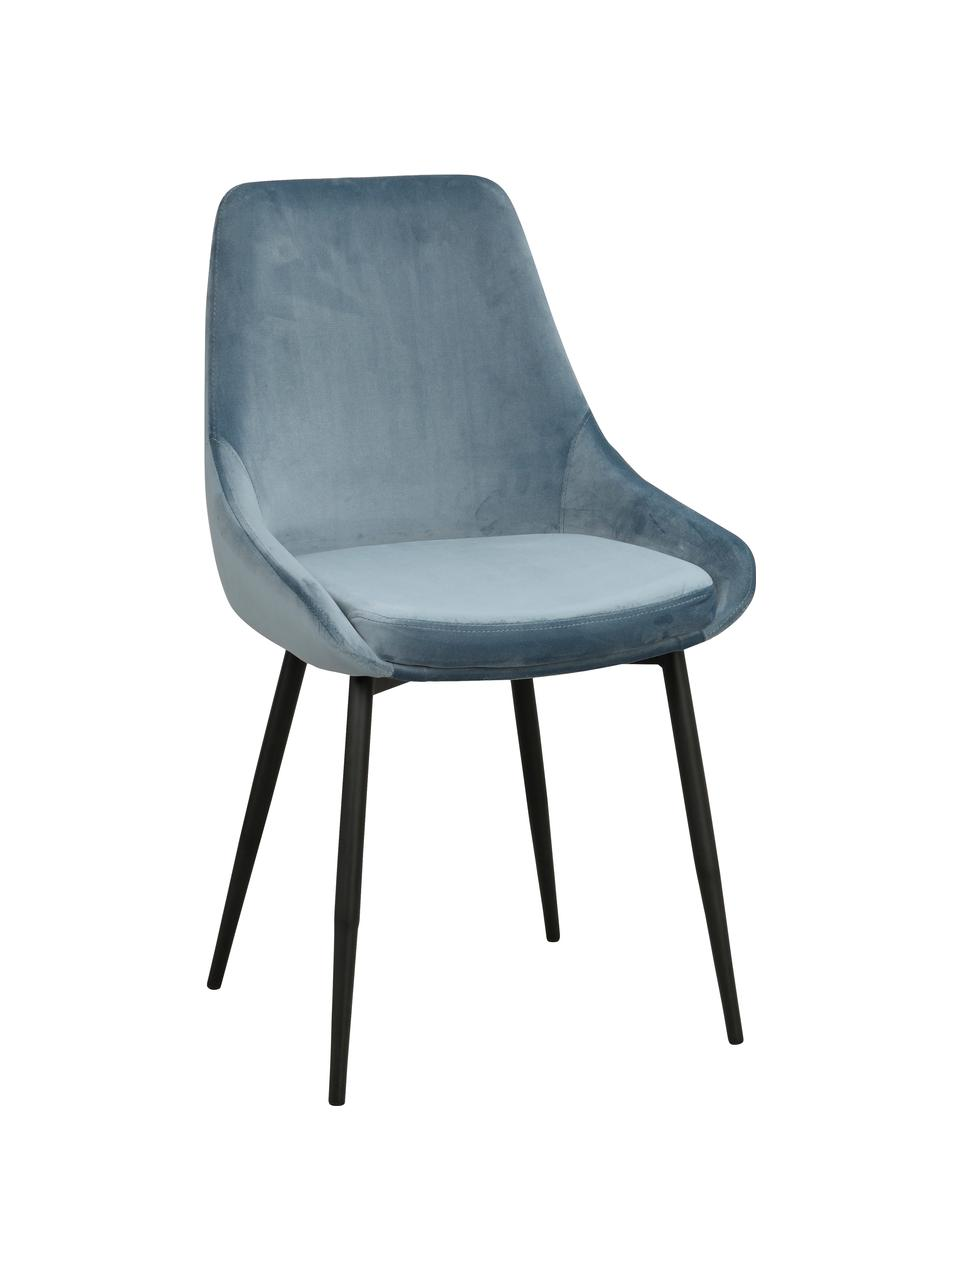 Sedia imbottita in velluto blu Sierra 2 pz, Rivestimento: velluto di poliestere Con, Gambe: metallo laccato, Velluto: blu Gambe: nero, Larg. 49 x Prof. 55 cm